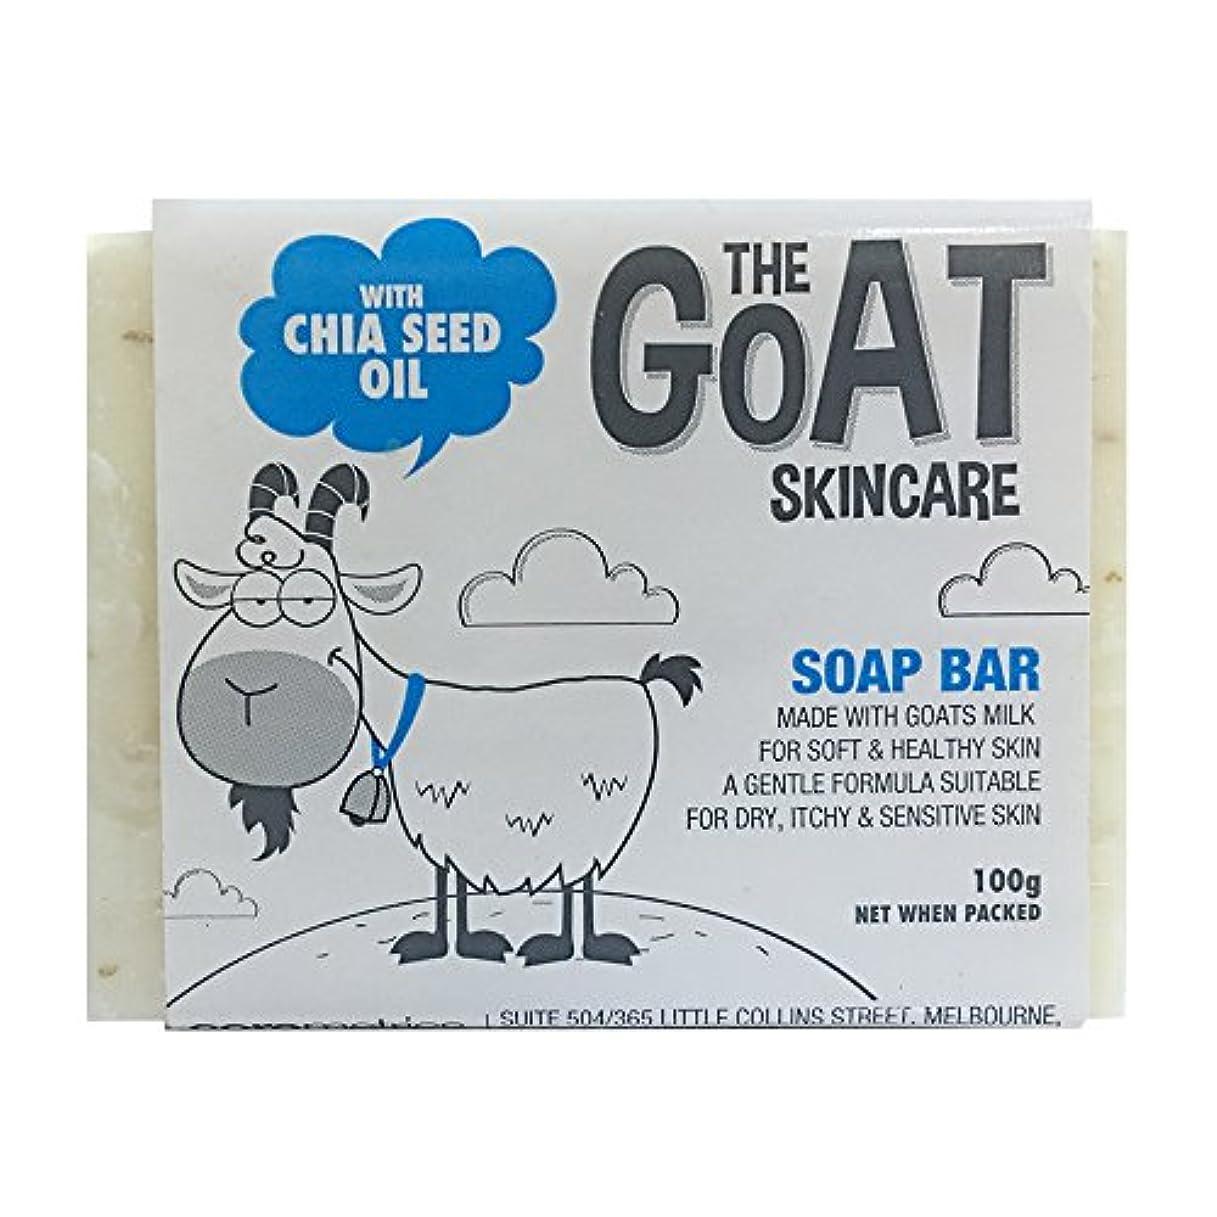 飢フルーツ野菜副詞Soap Bar with Chia Seed Oil